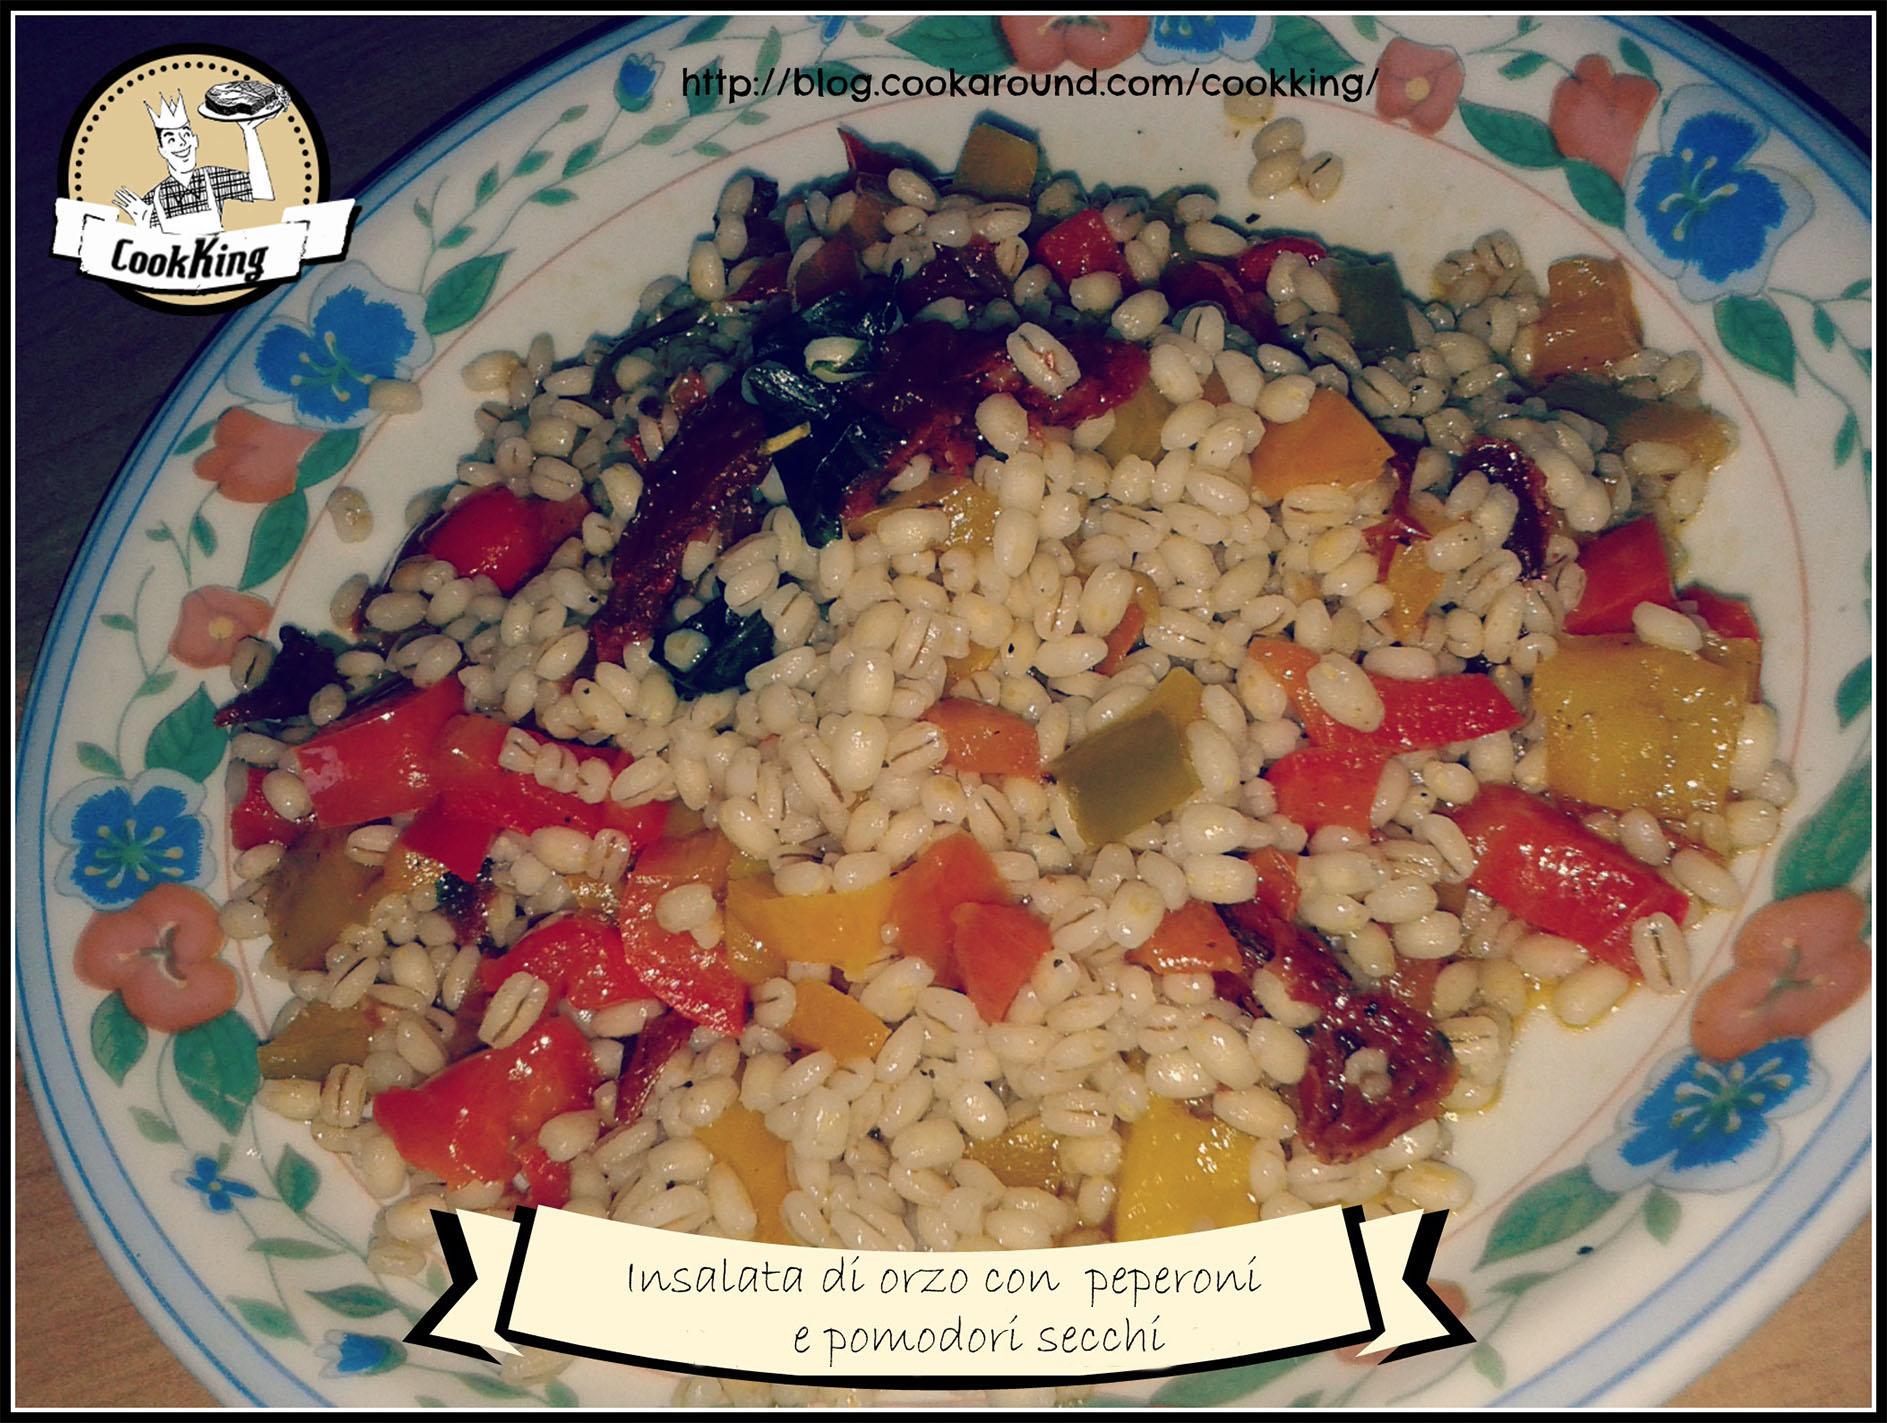 insalata di orzo con peperoni e pomodori secchi - CookKING